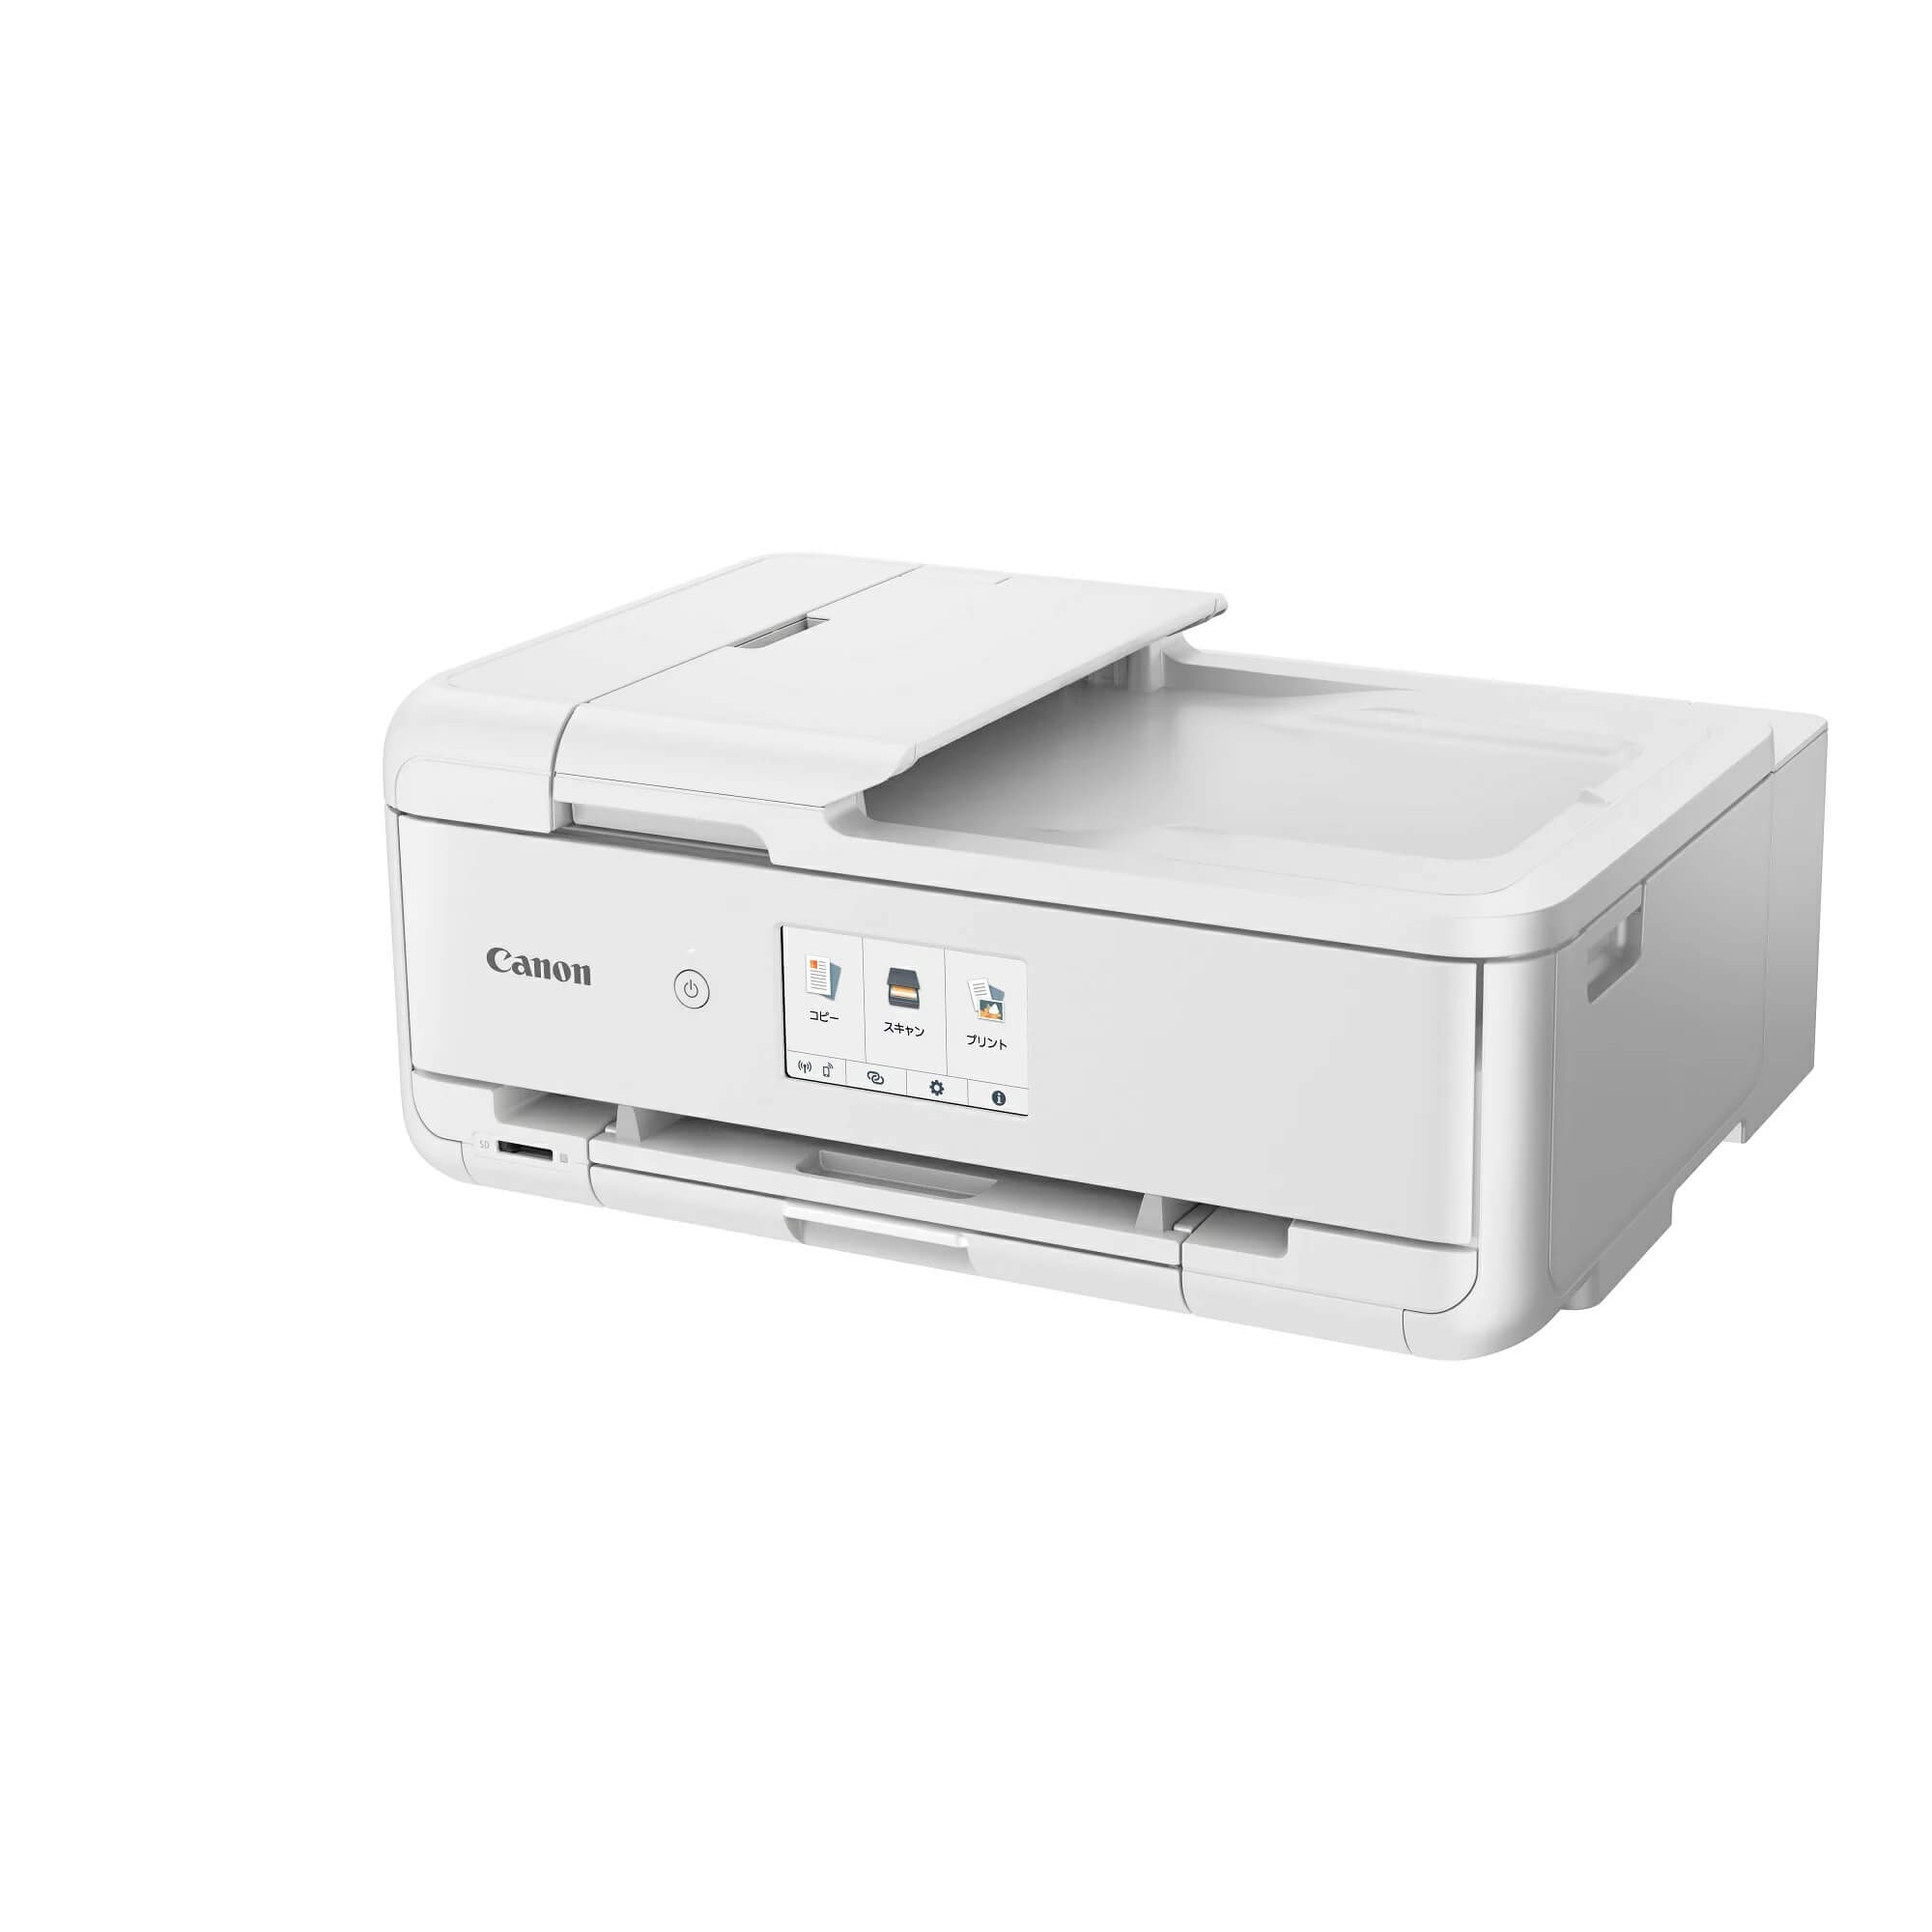 キヤノン インクジェット複合機 PIXUS TR9530(ホワイト) イメージ